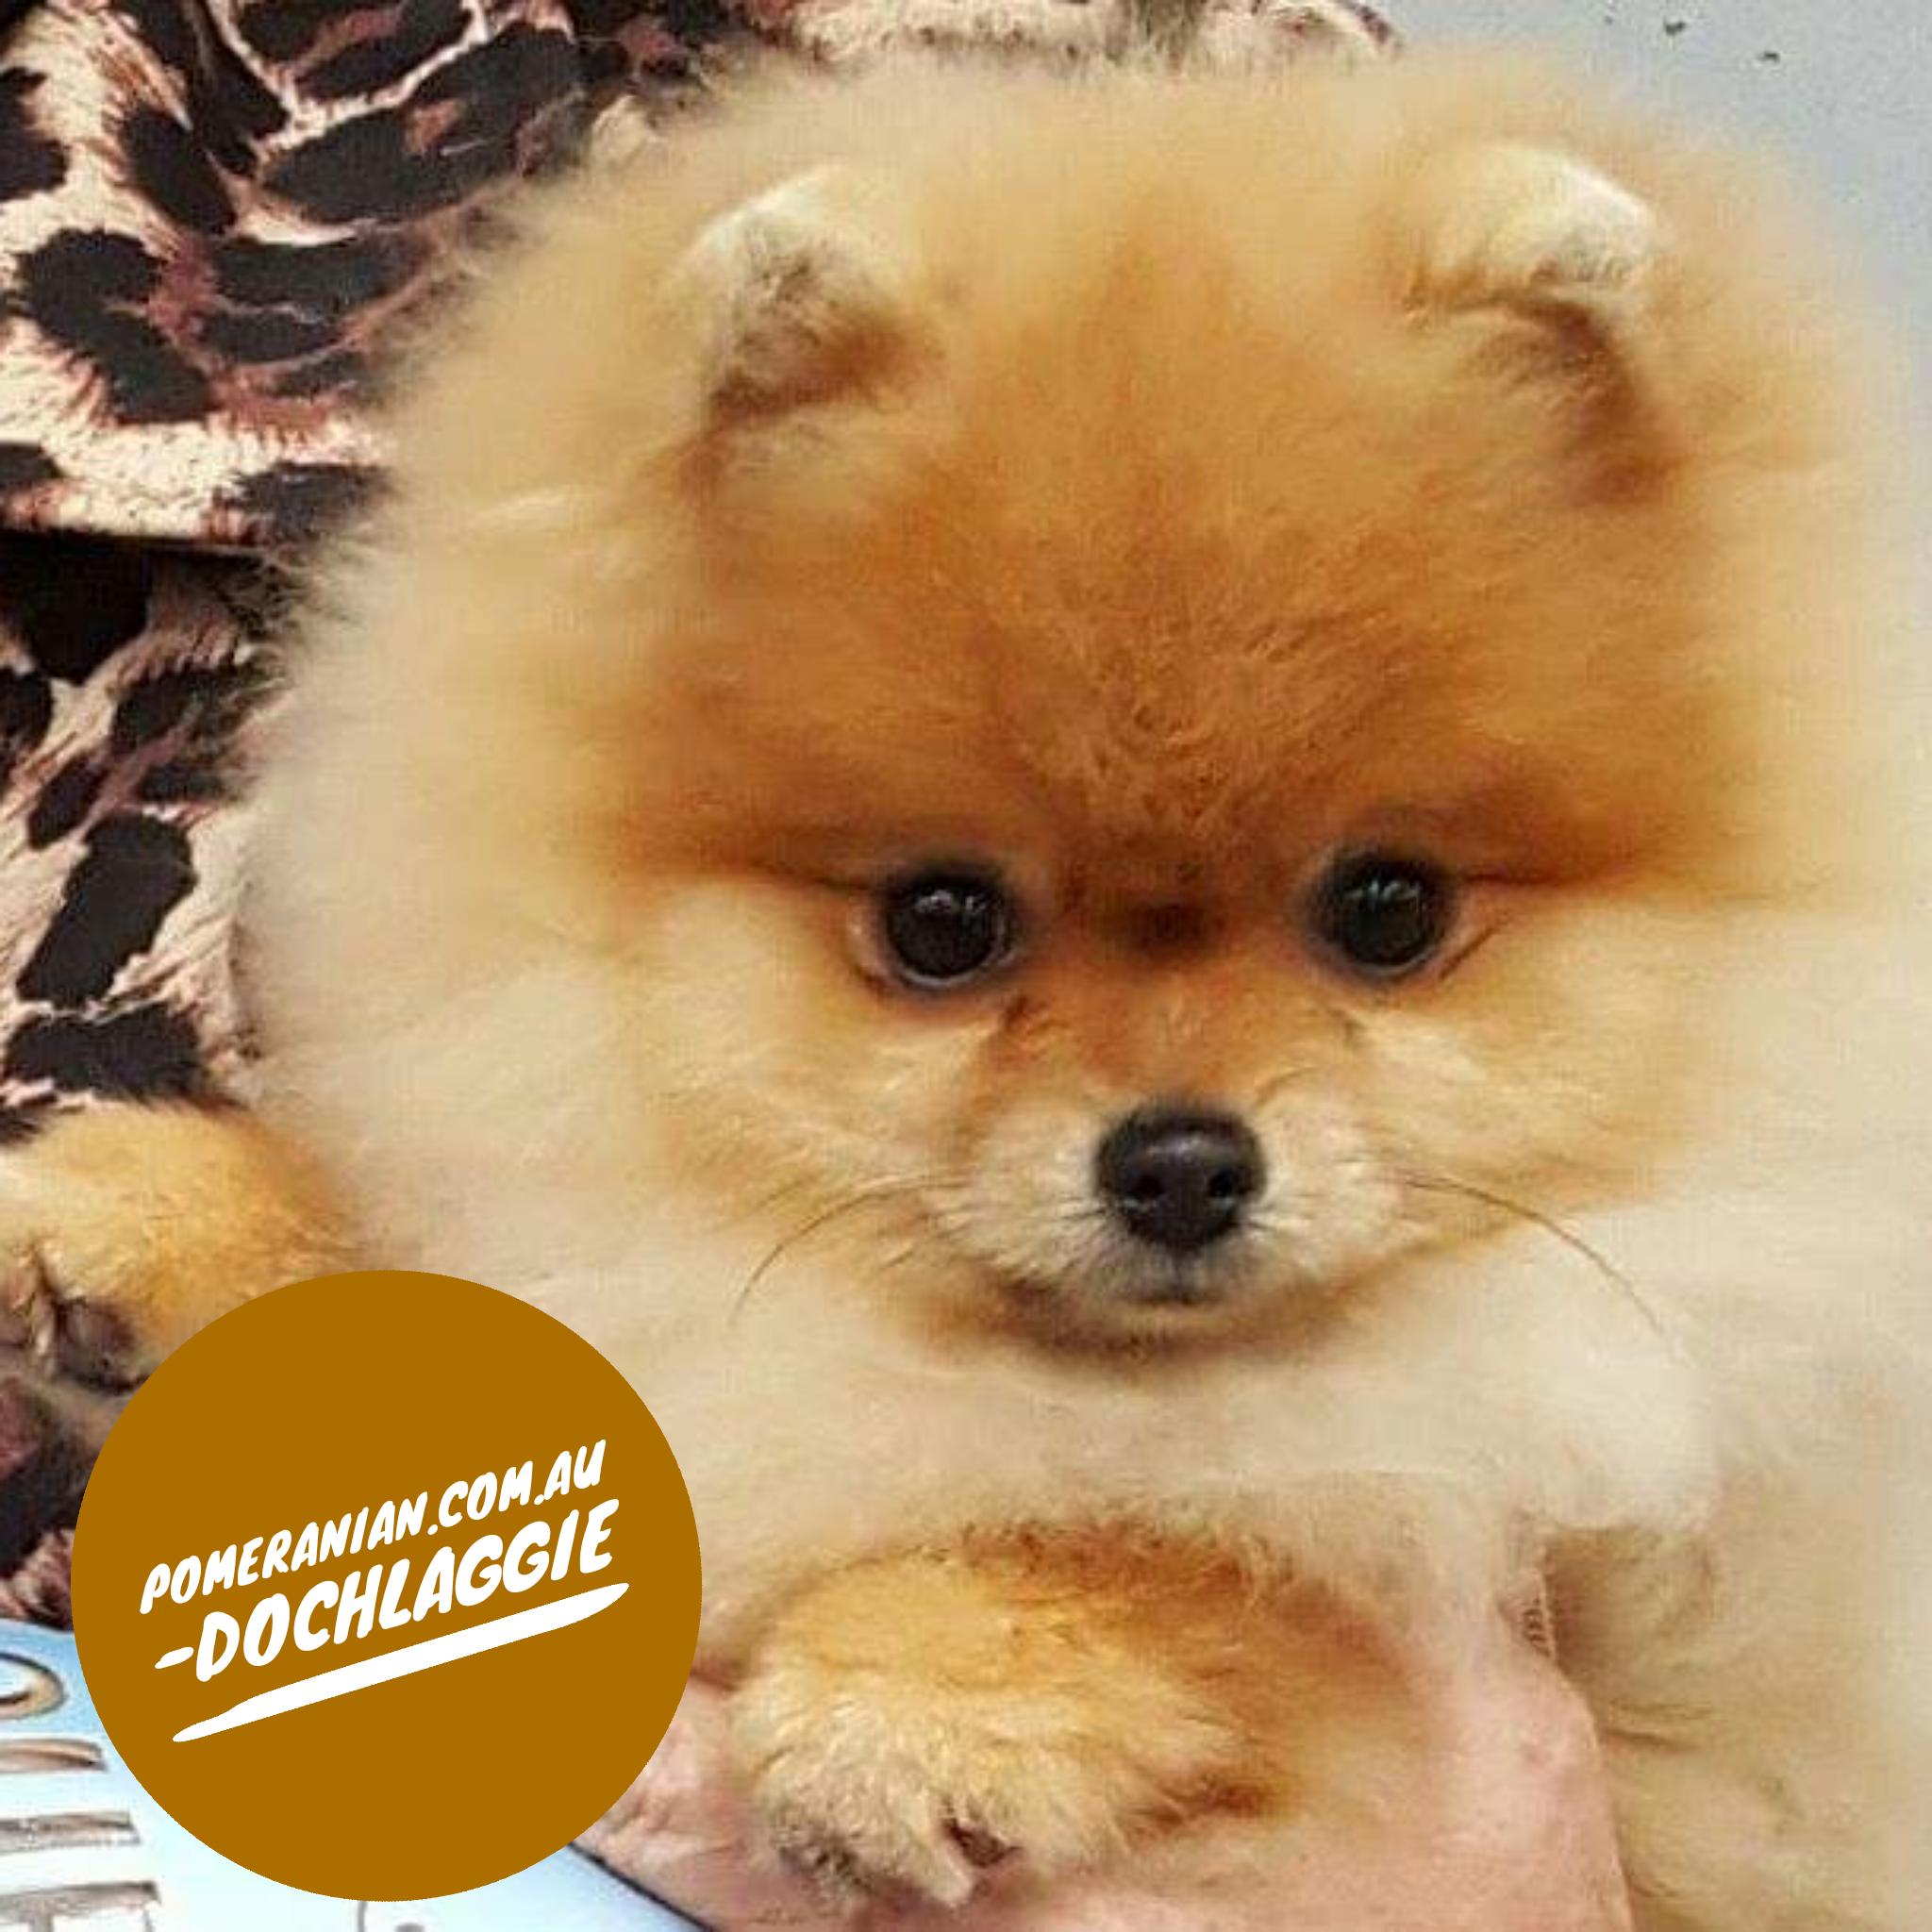 Dochlaggie Pomeranian Puppies Melbourne Dochlaggie